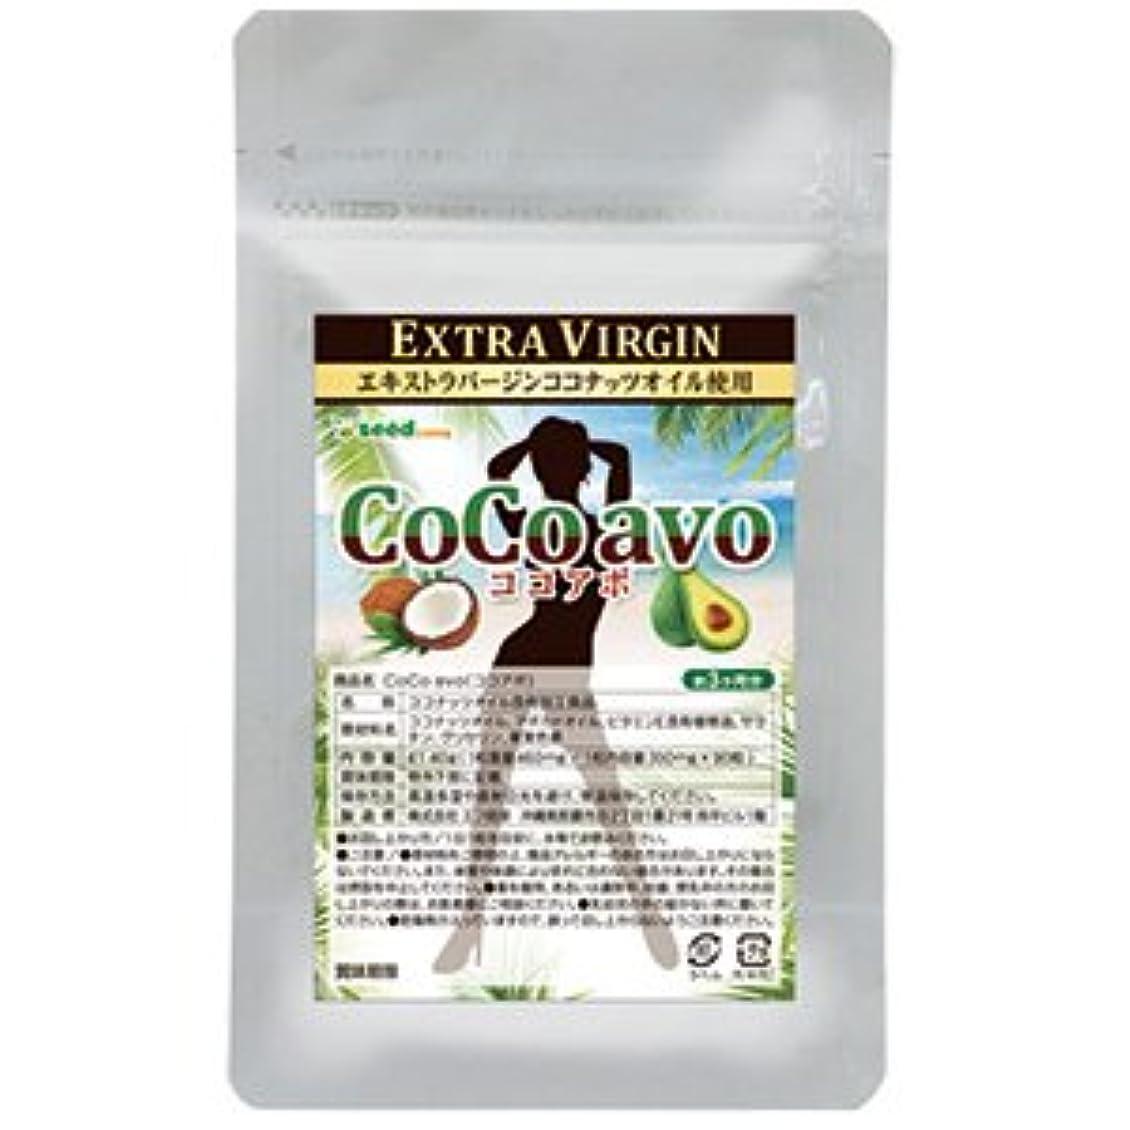 ストラトフォードオンエイボン高く宮殿シードコムス seedcoms エキストラバージン ココナッツオイル&アボカドオイル Cocoavoココアボ 中鎖脂肪酸が豊富なエキストラバージンオイルを使ったココナッツオイルに美容果実アボカドをブレンド 約1ヶ月分 30粒